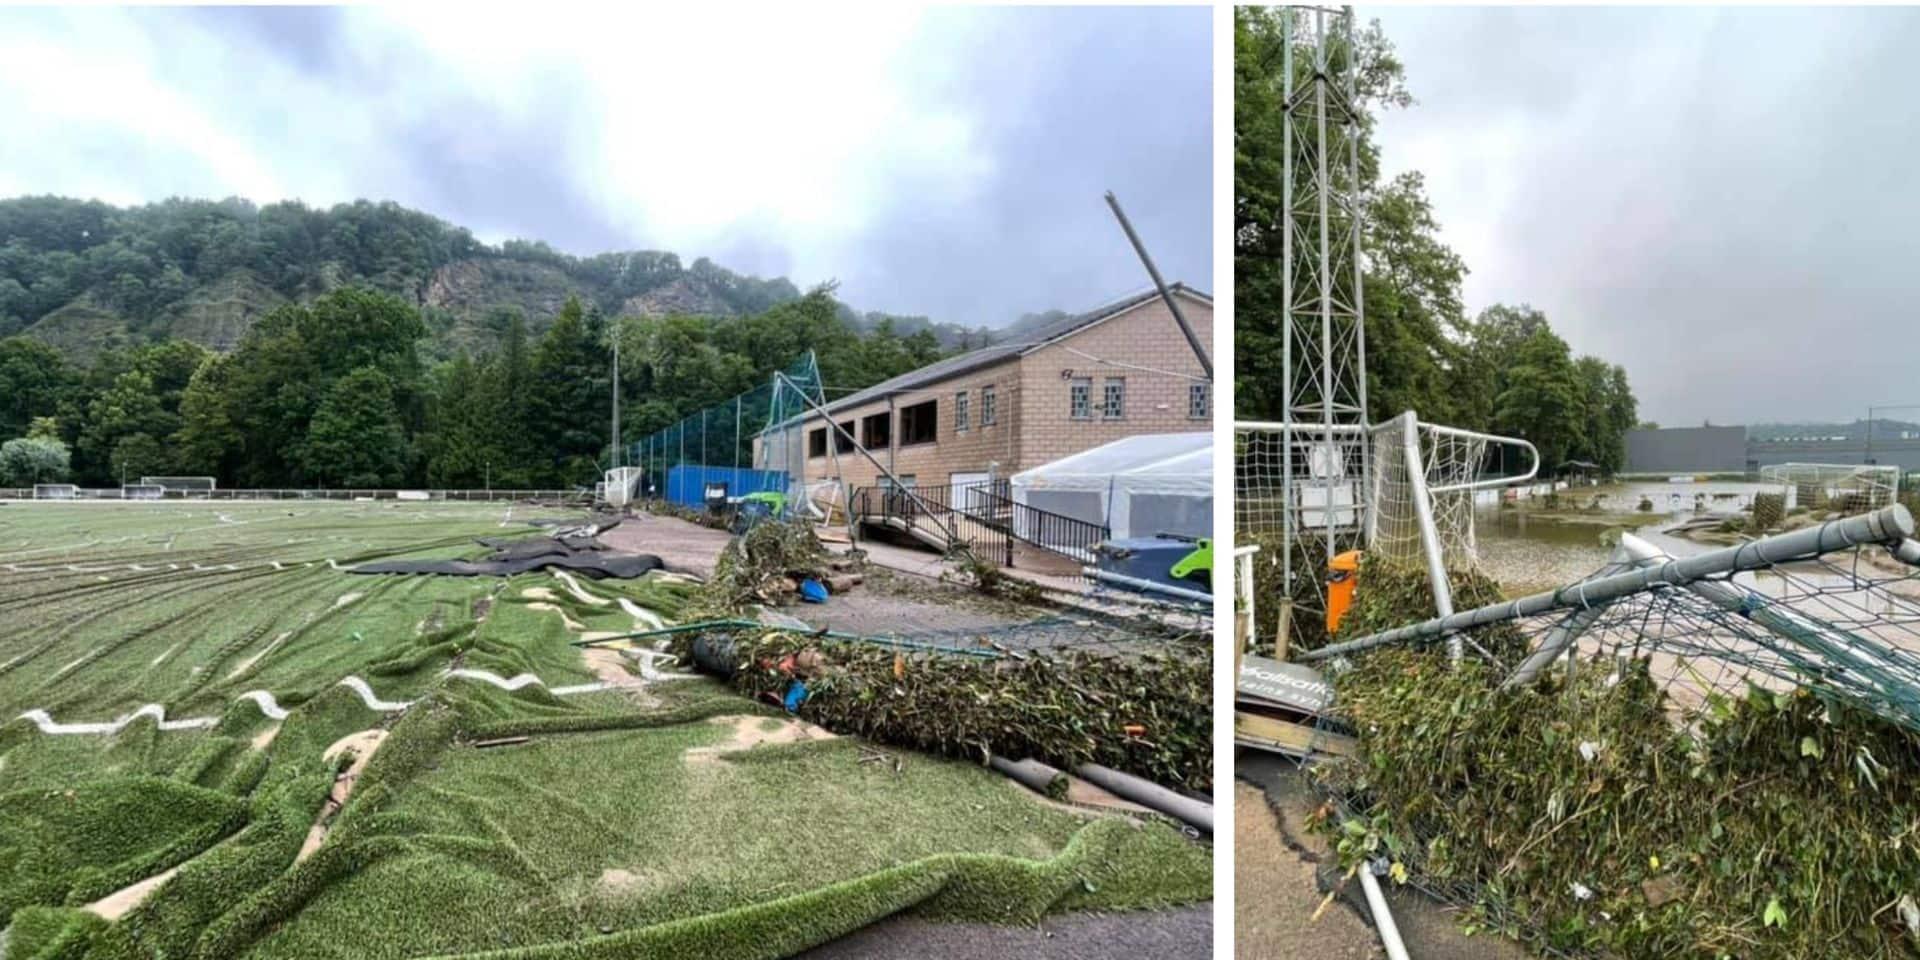 Après les inondations, le président du RFC Aywaille plaide pour que les clubs de la commune se rassemblent sur un seul site